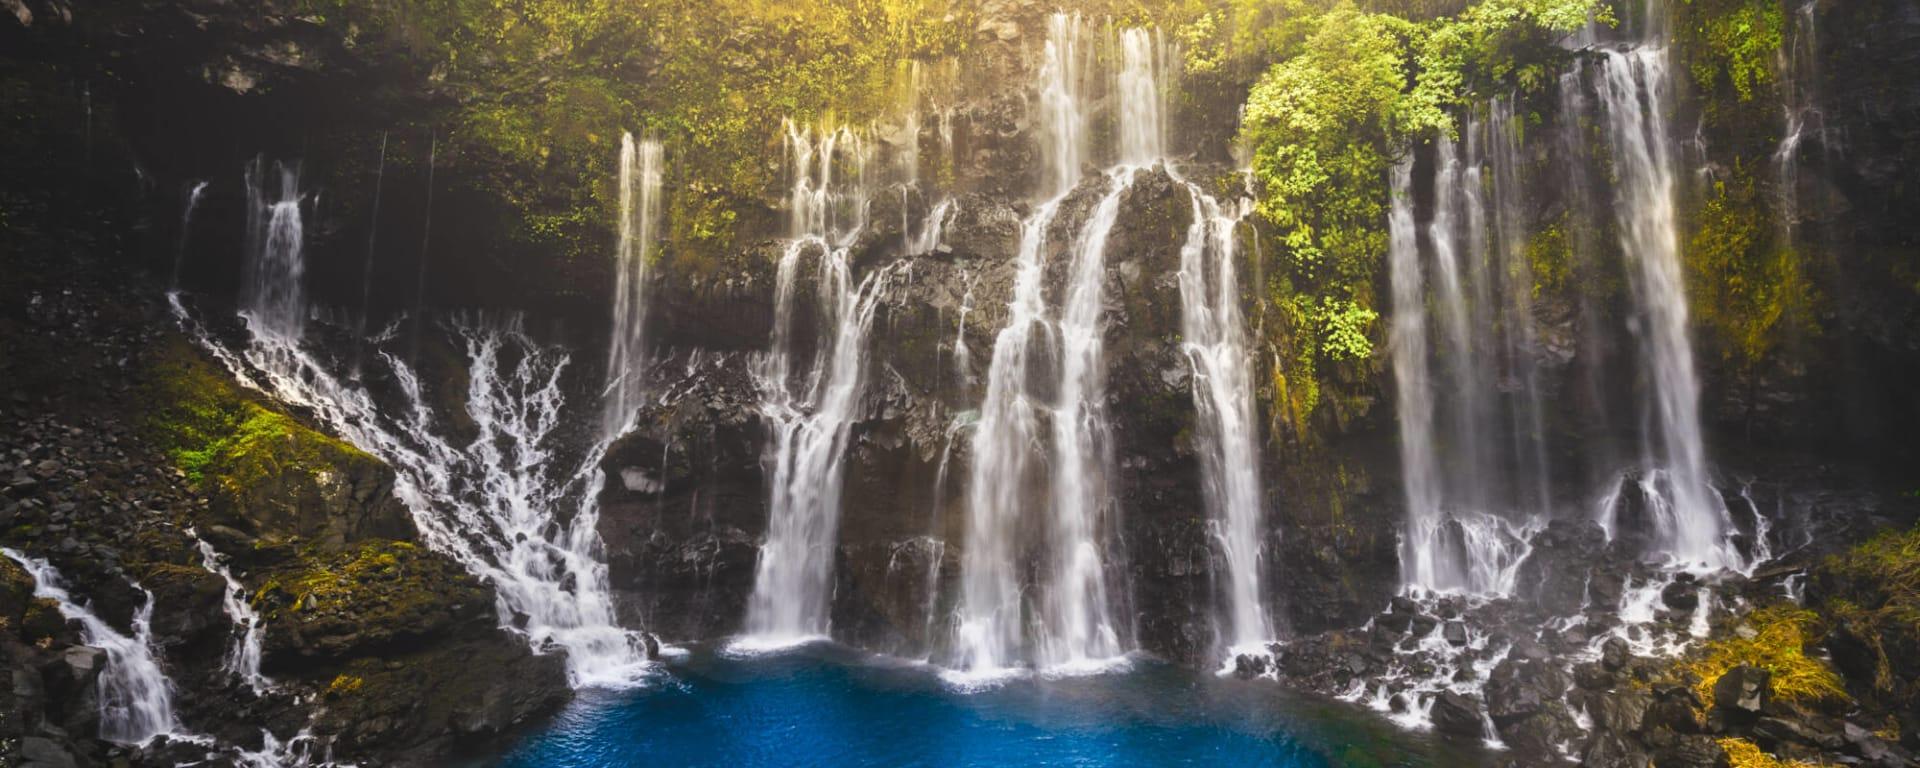 Réunion entdecken mit Tischler Reisen: Reunion Wasserfall Grand Galet